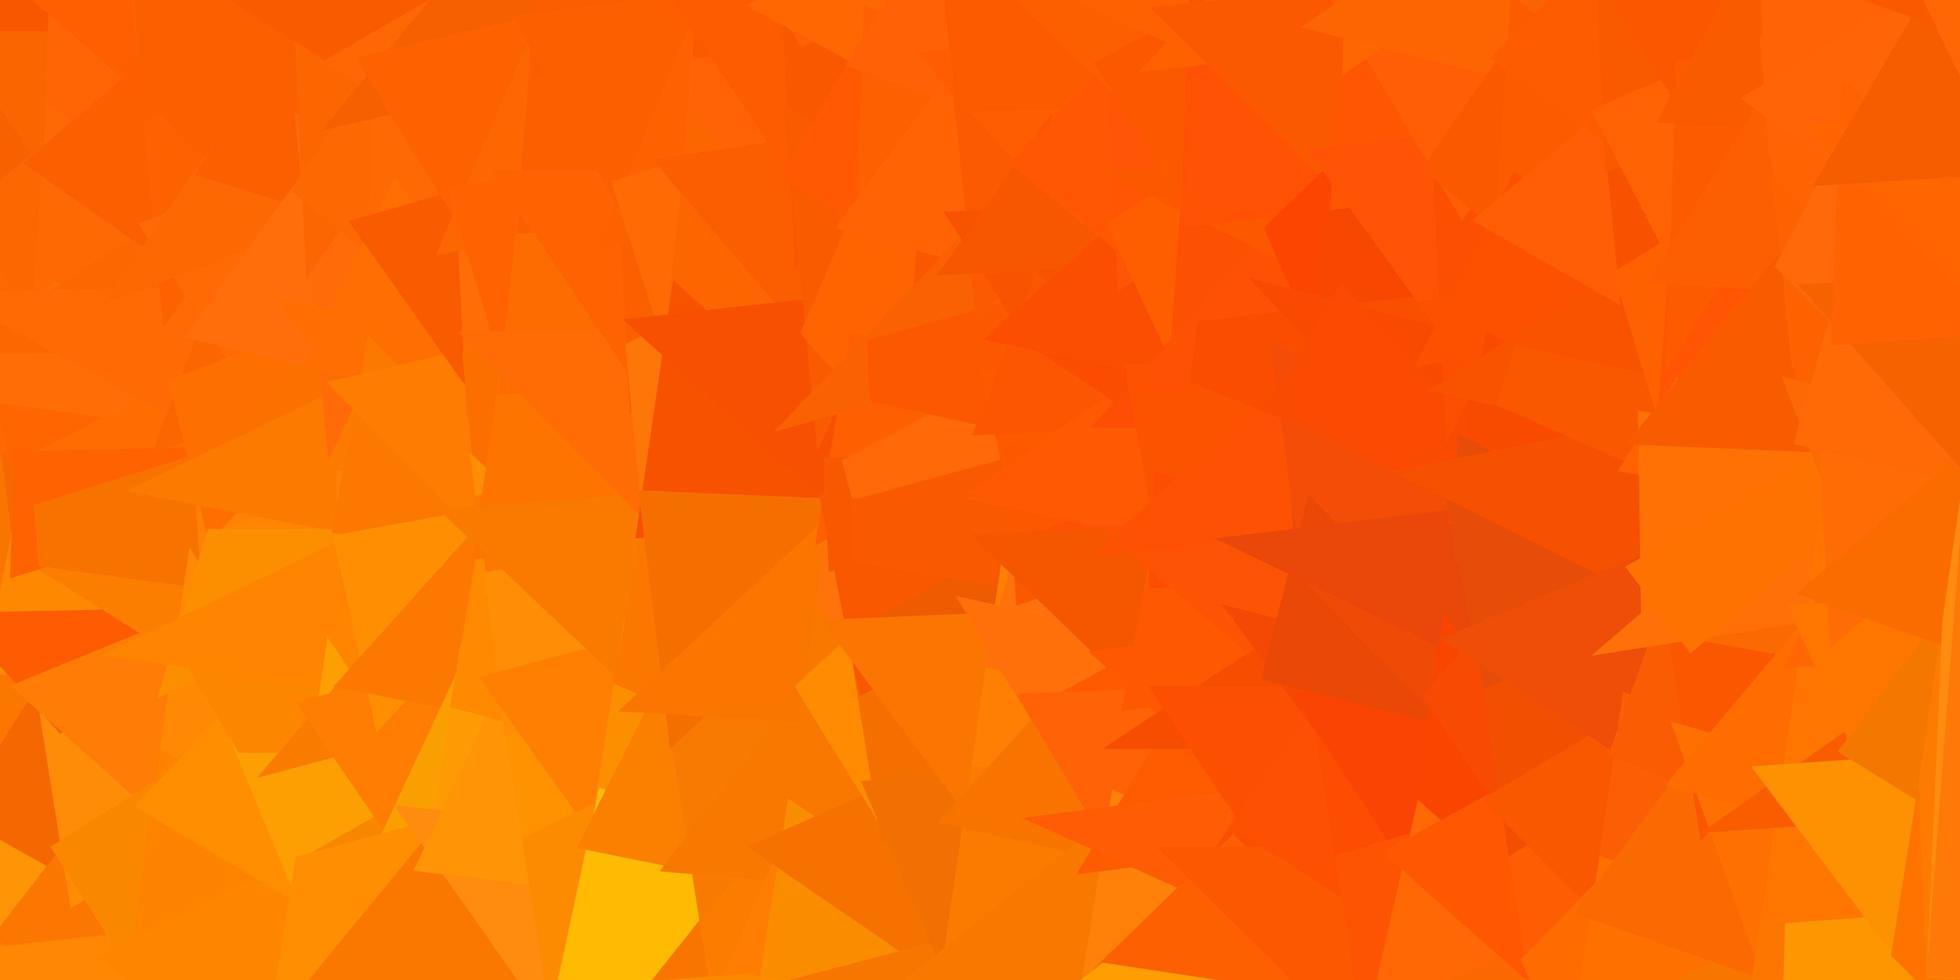 diseño de mosaico de triángulo vector naranja oscuro.